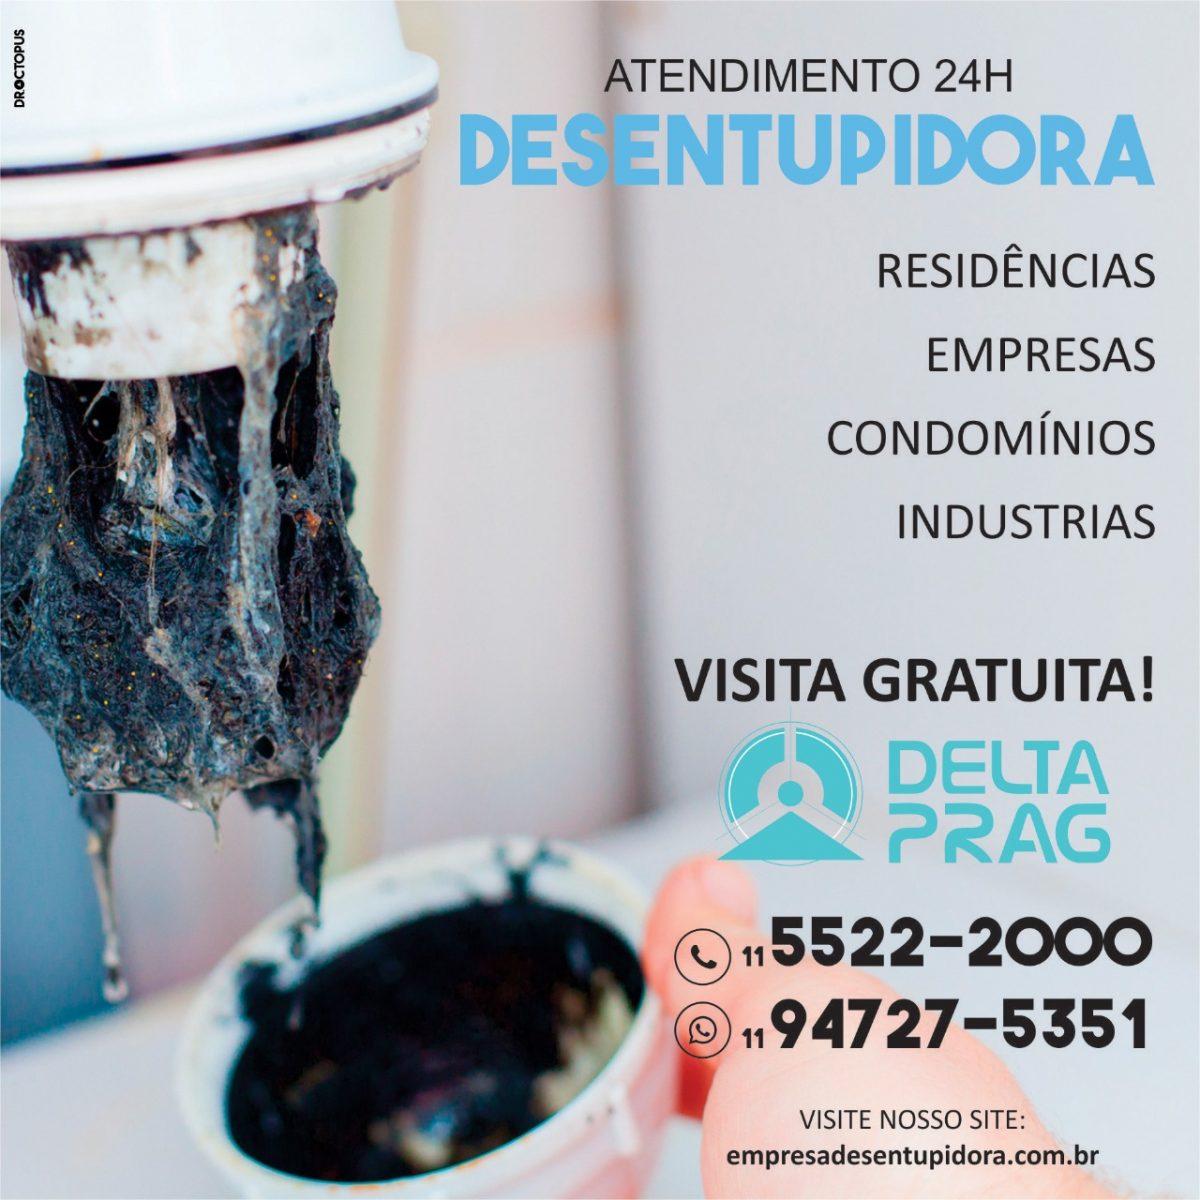 empresadesentupidora.com.br